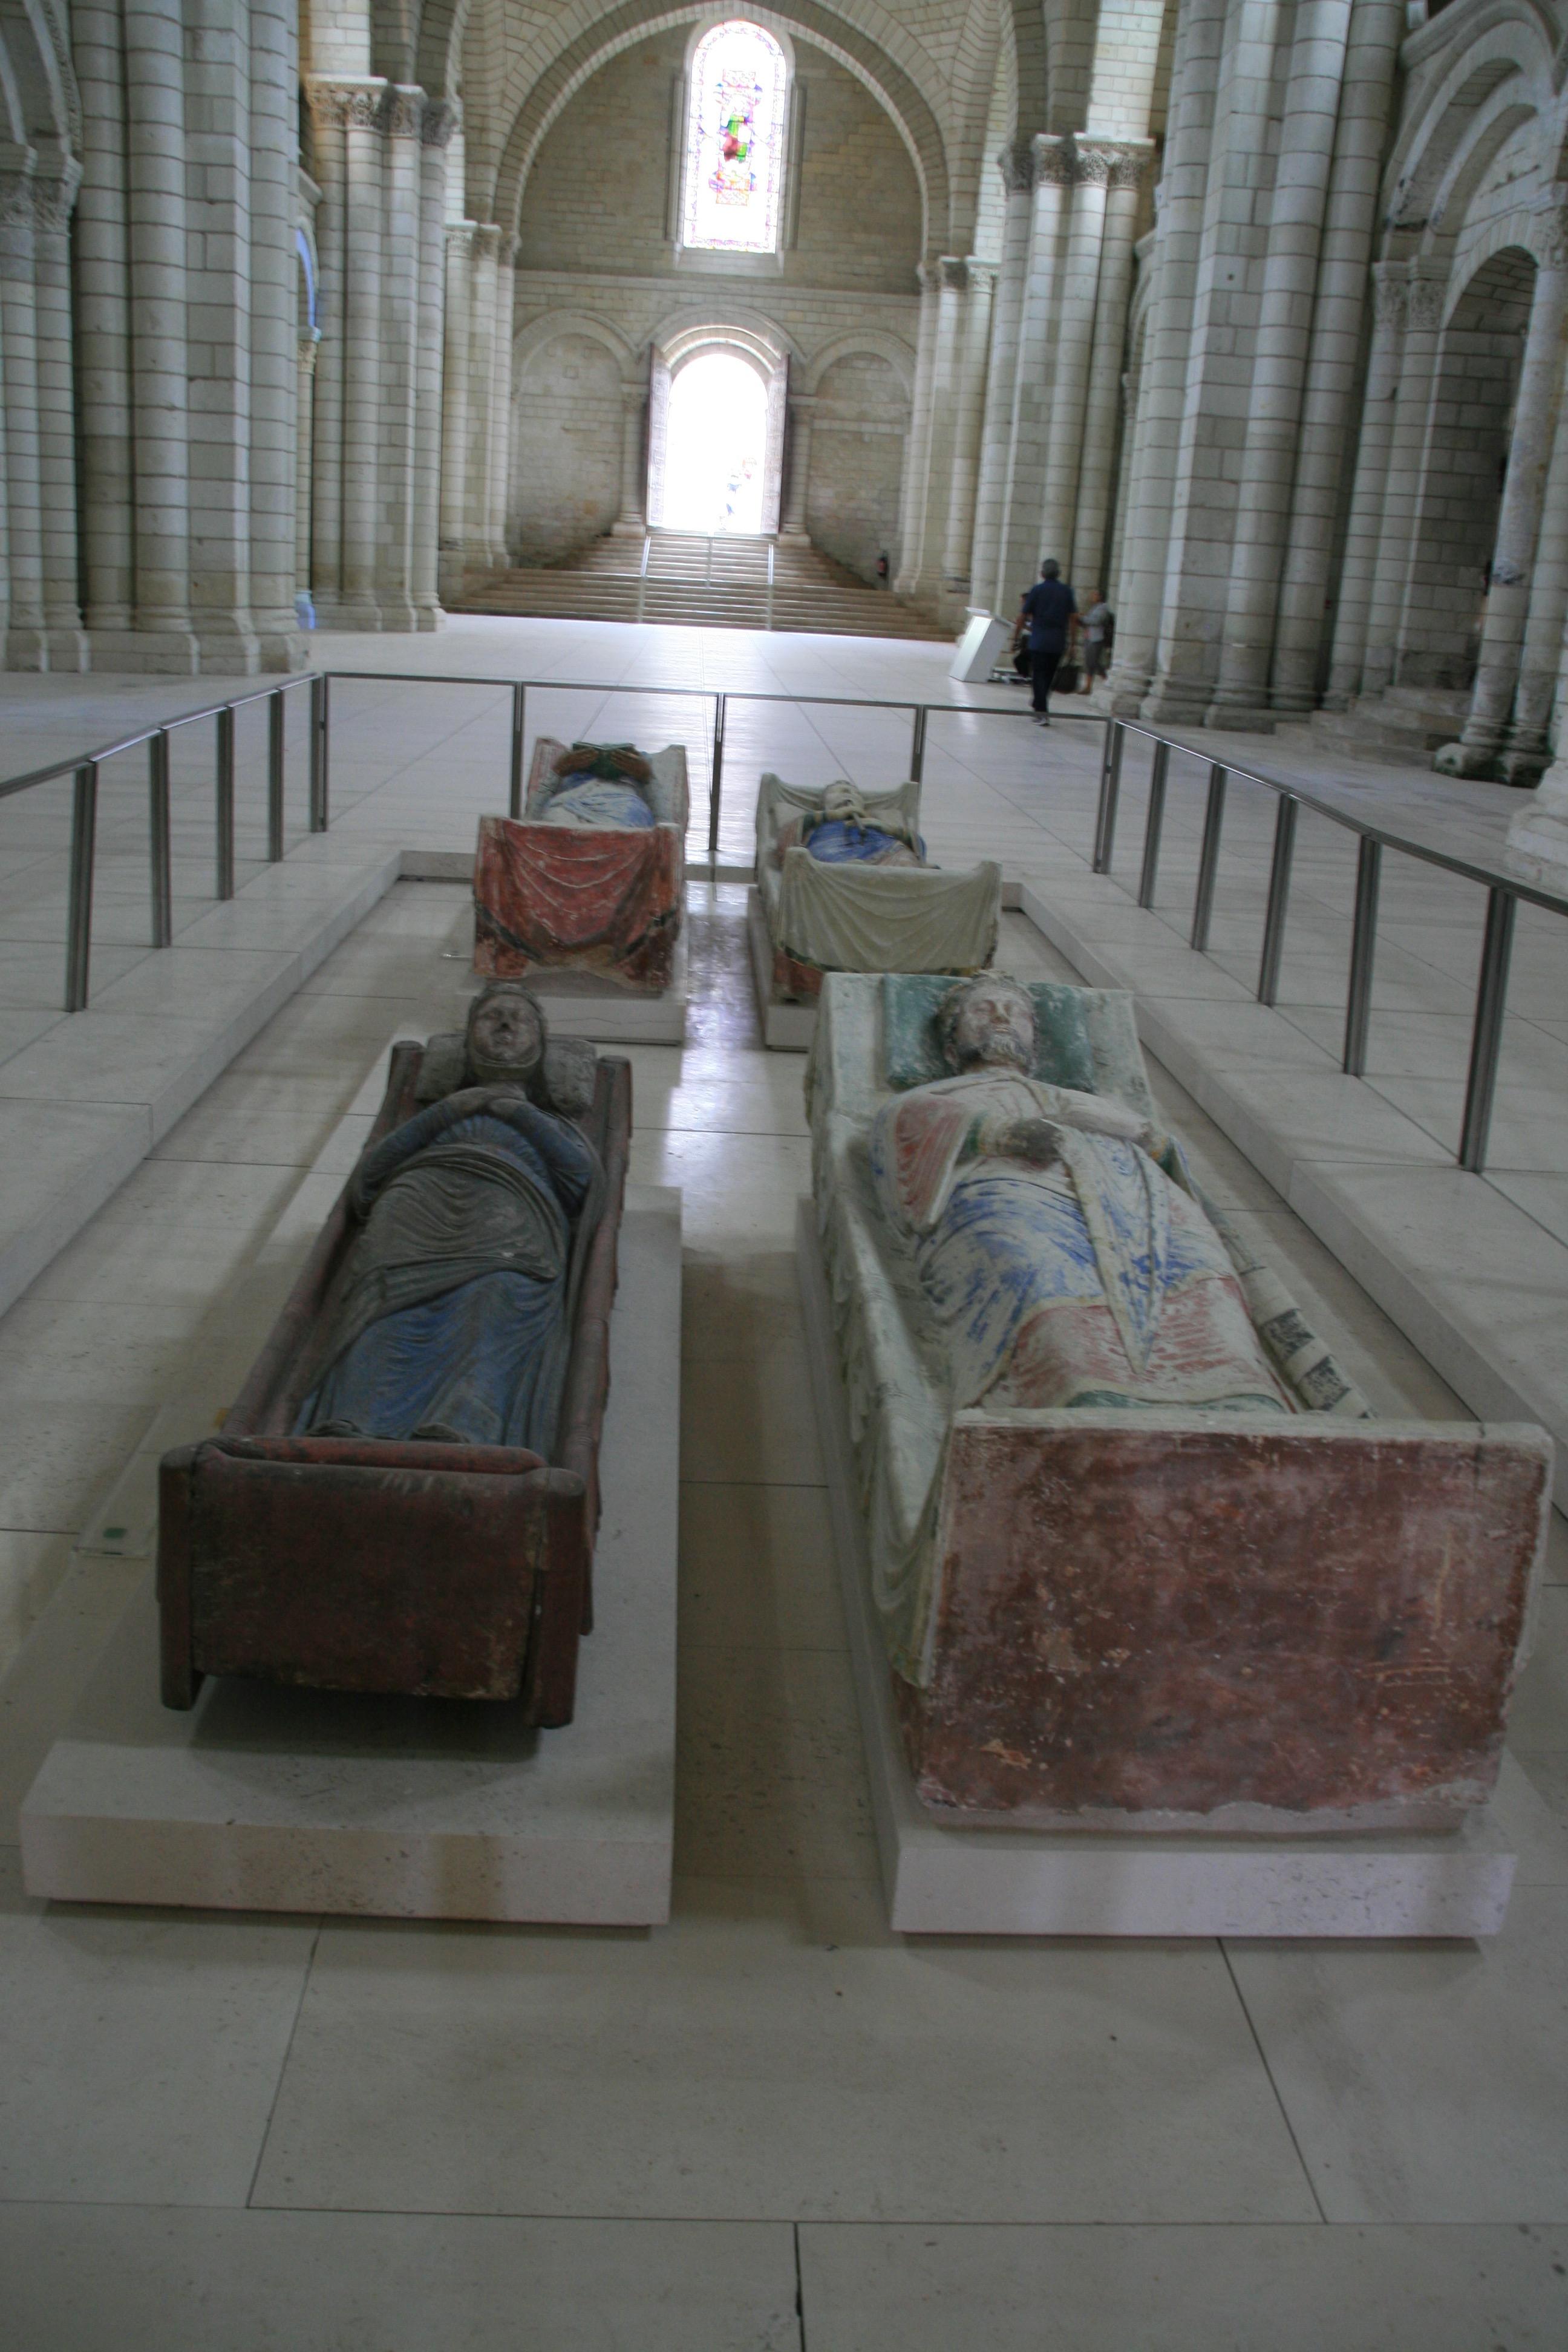 L'Abbaye Royale de Fontevraud c'est aussi les gisants d'Aliénor d'Aquitaine, d'Henri II Plantagenêt, Richard Coeur de Lion et Isabelle d'Angoulême, que l'on apprend à (re)découvrir grâce à l'histoire de Fontevraud.